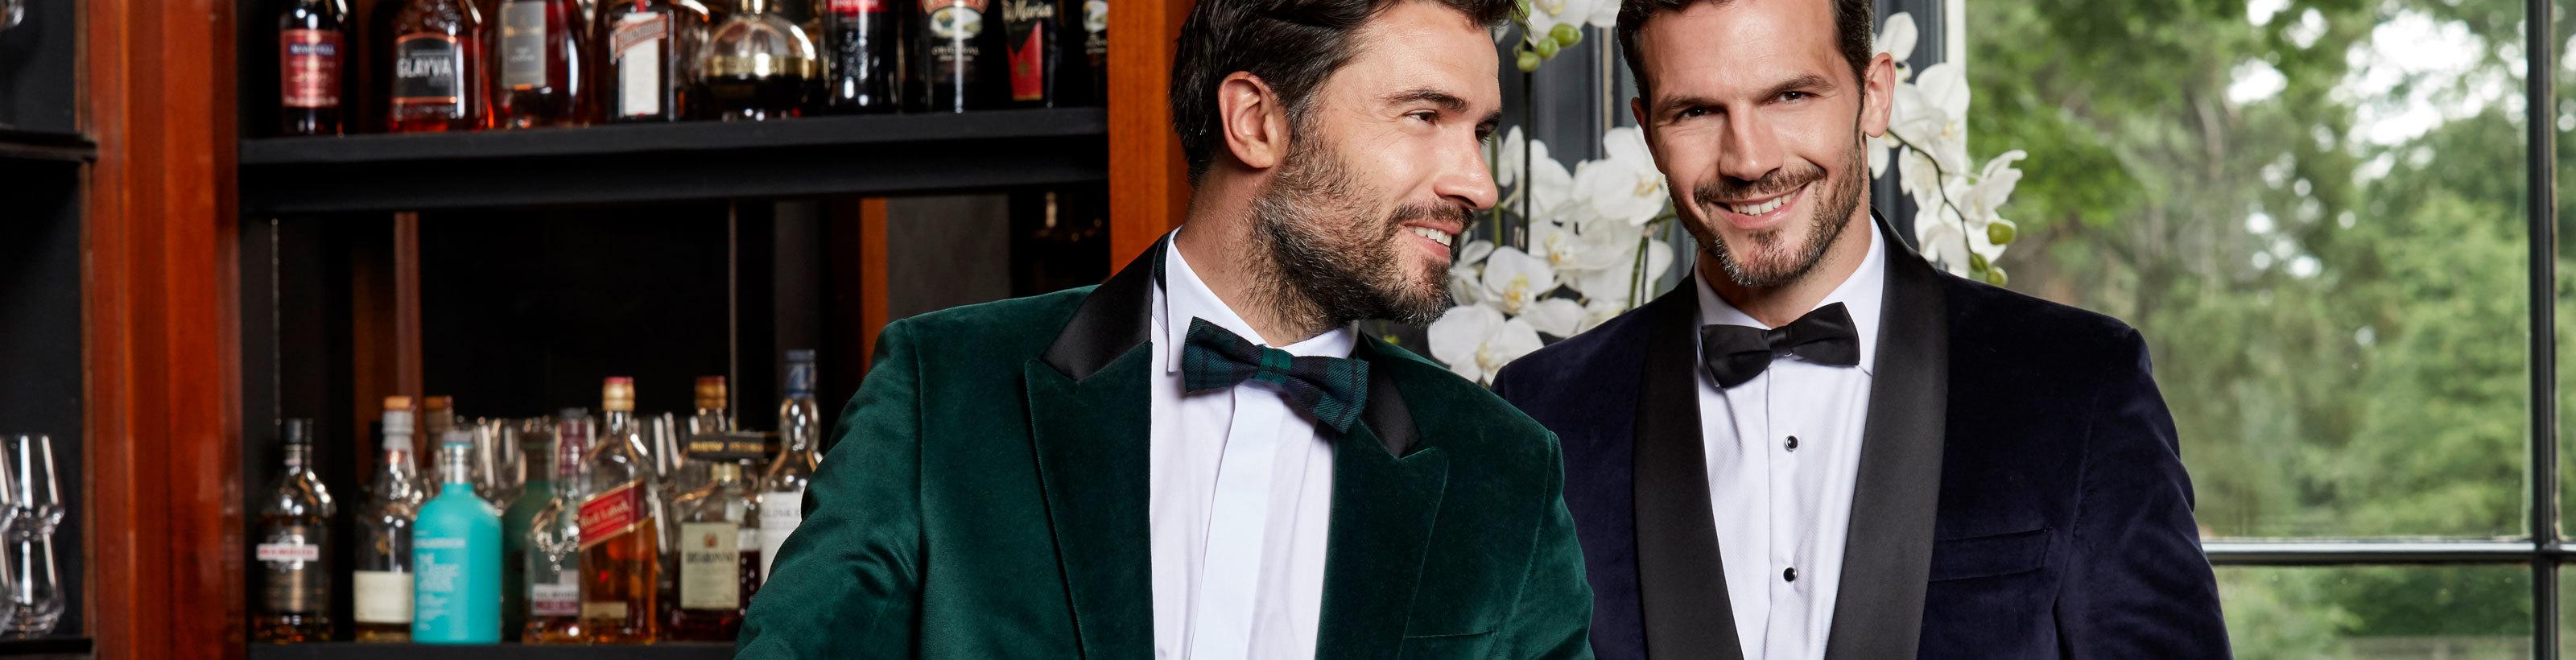 Bespoke-tailoring-suits